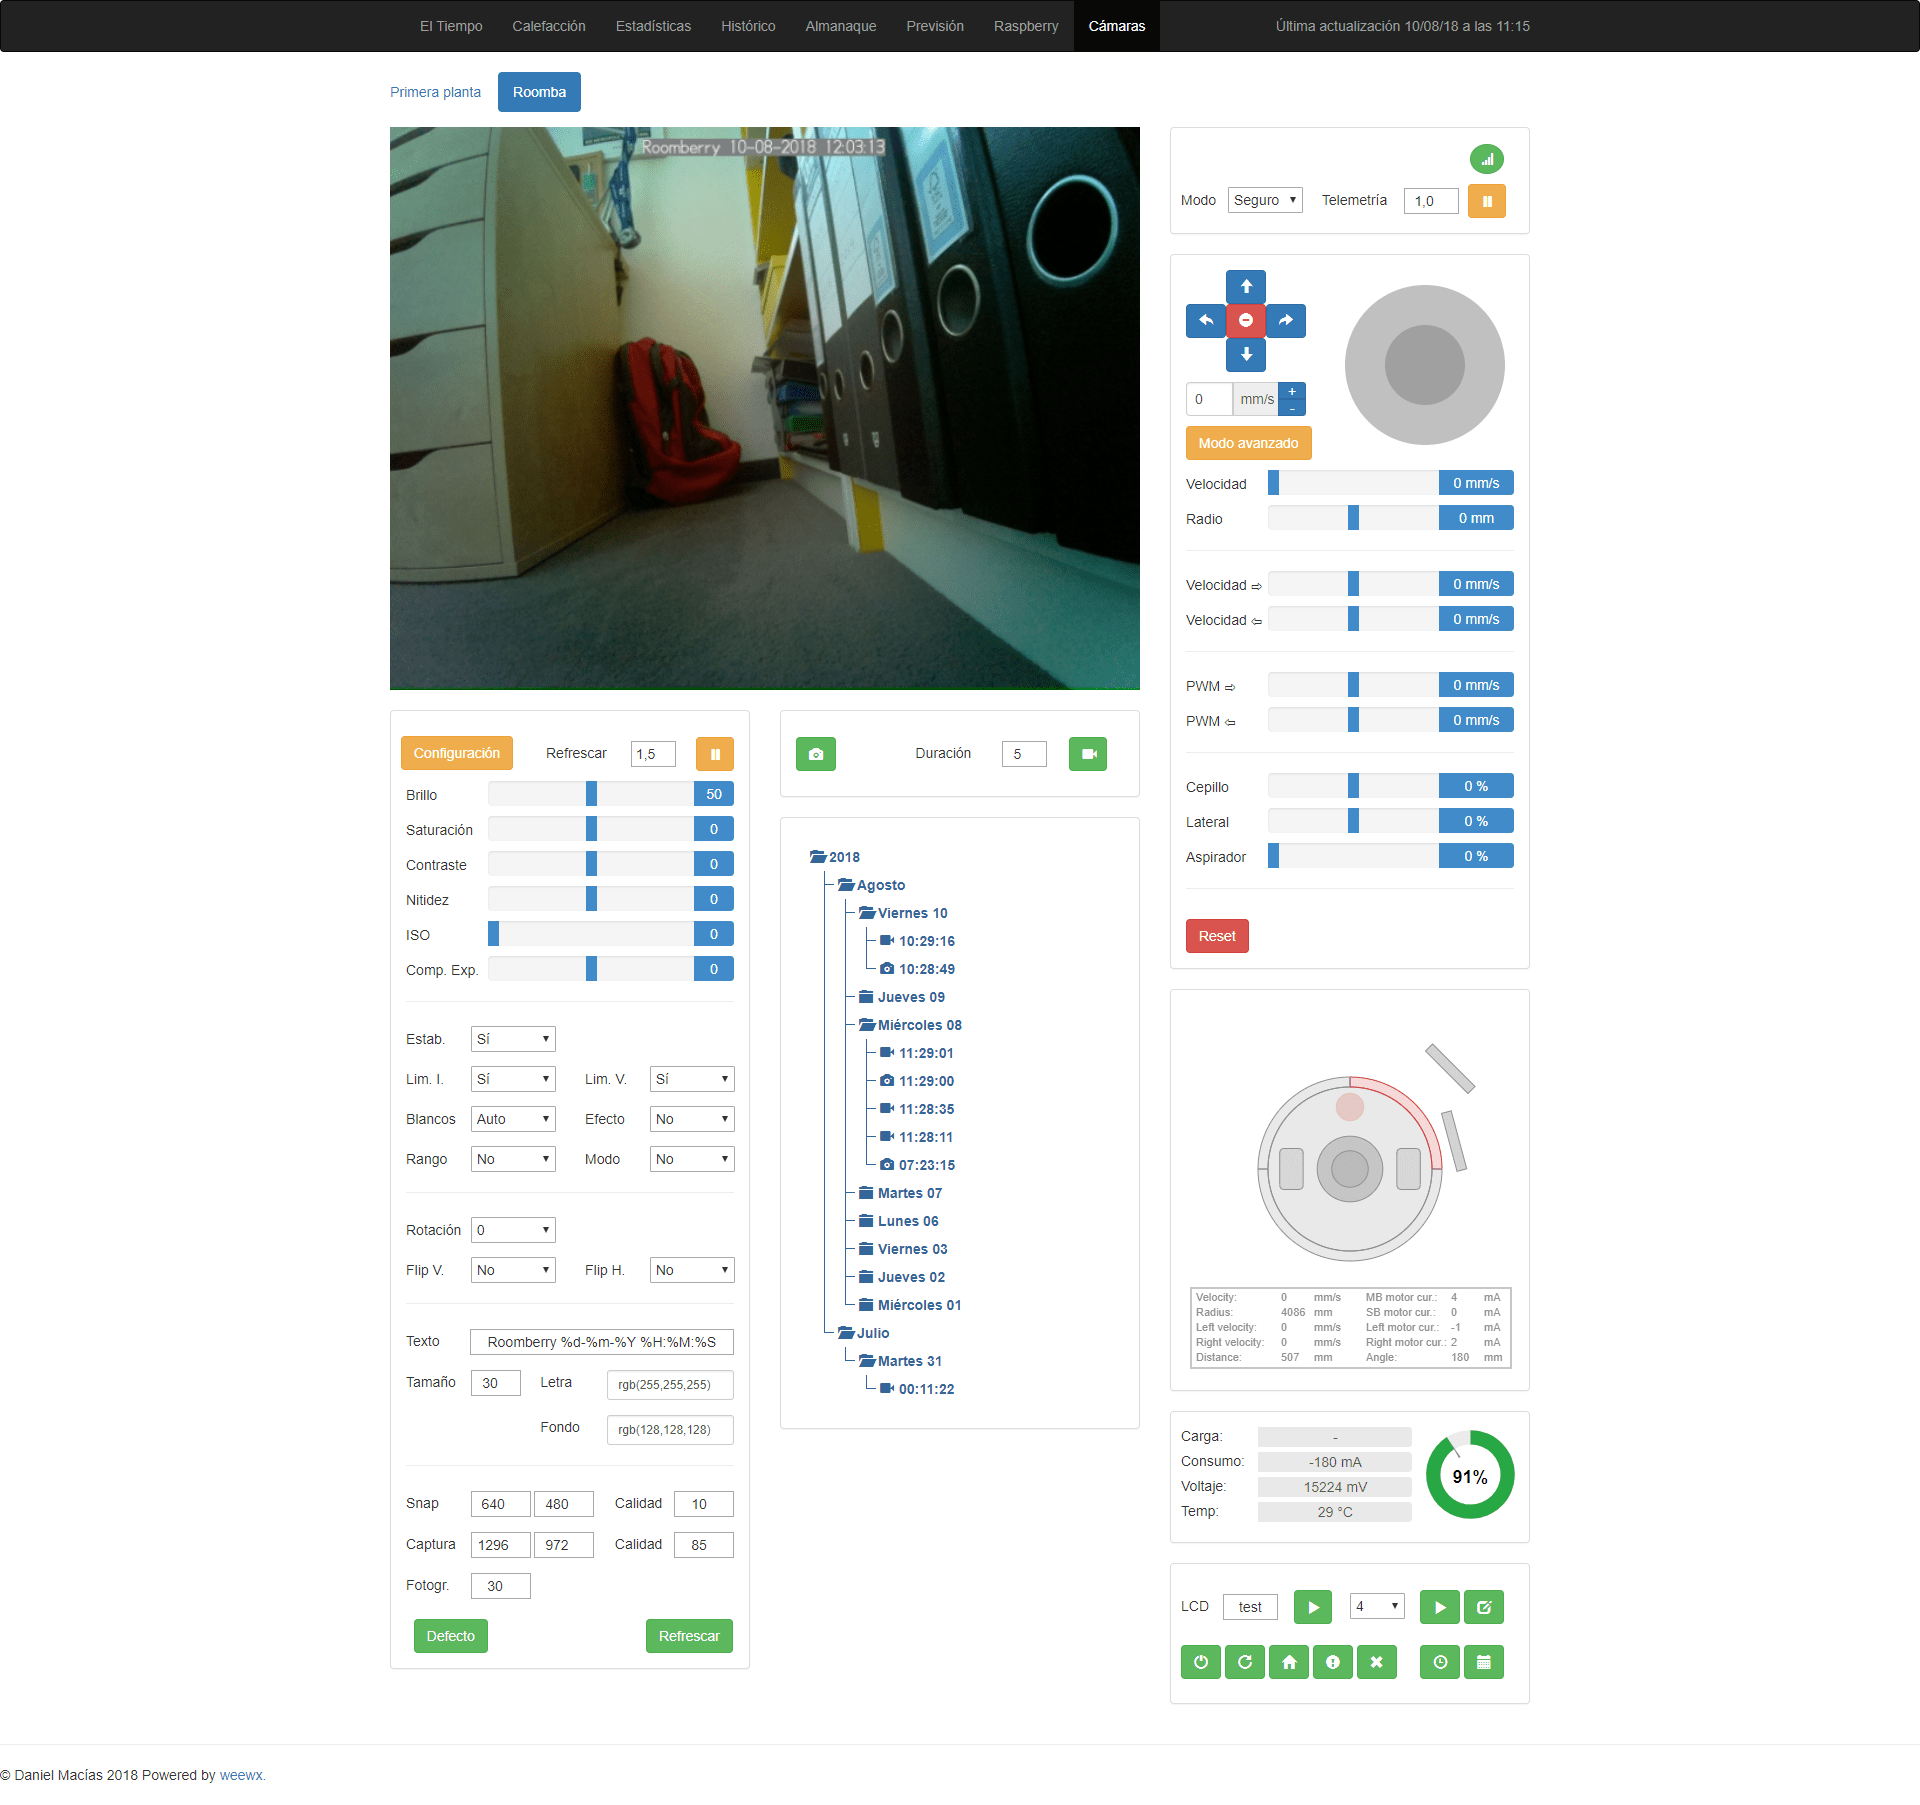 Roomberry Surveillance Robot: Roomba + Raspberry Pi Zero W +